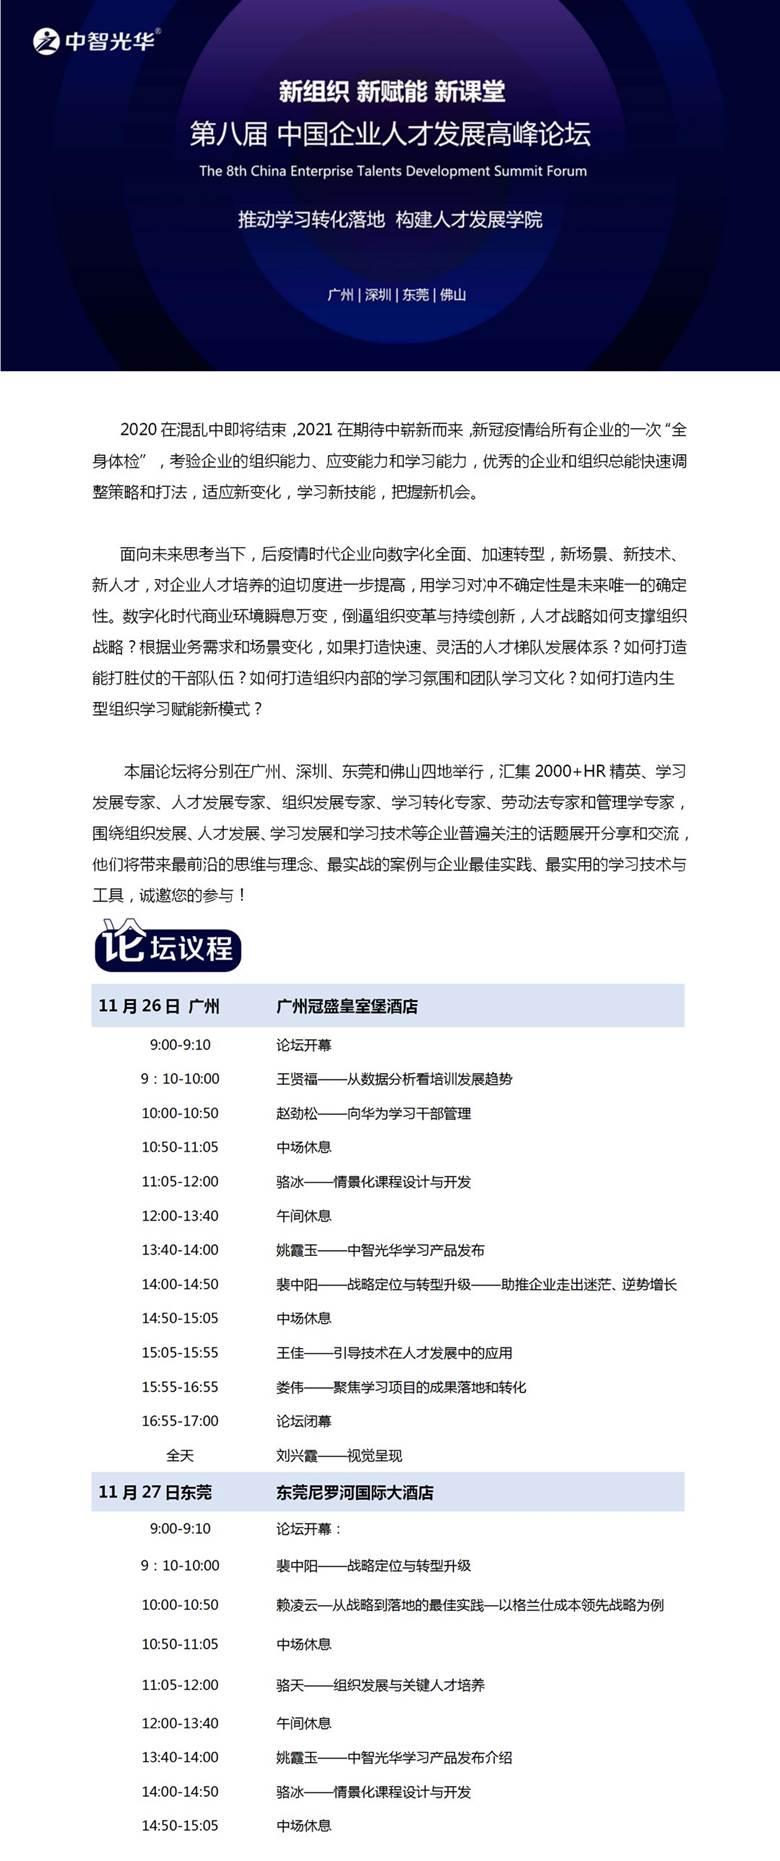 1第八届 中国人才发展高峰论坛-邀请函10.png